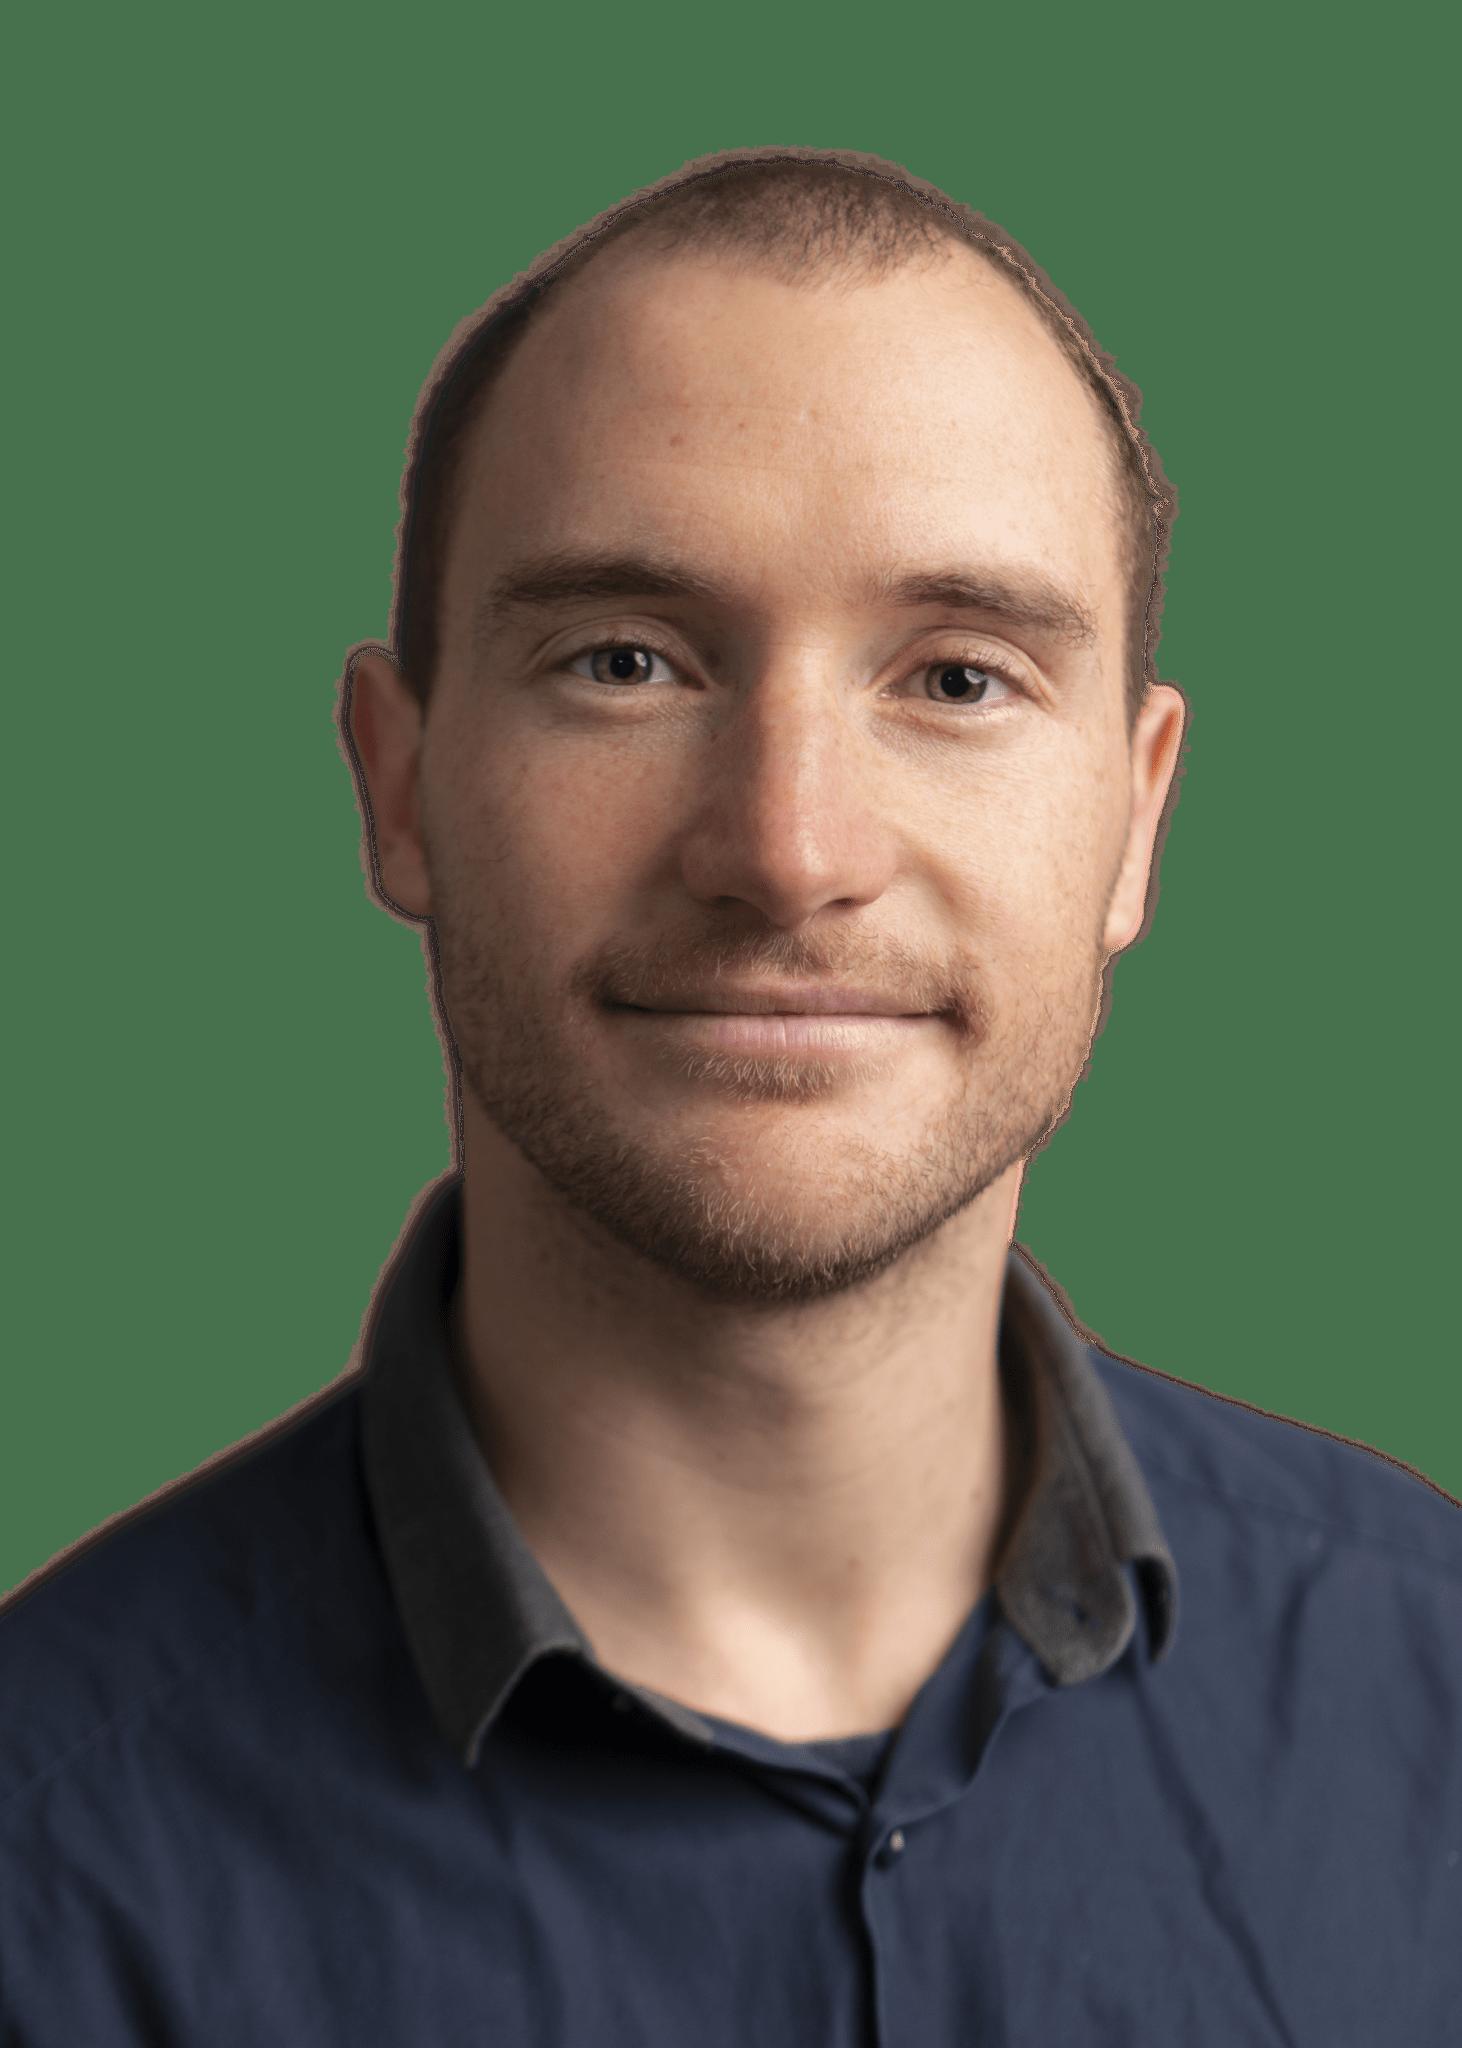 CEO - Tobias Dahl